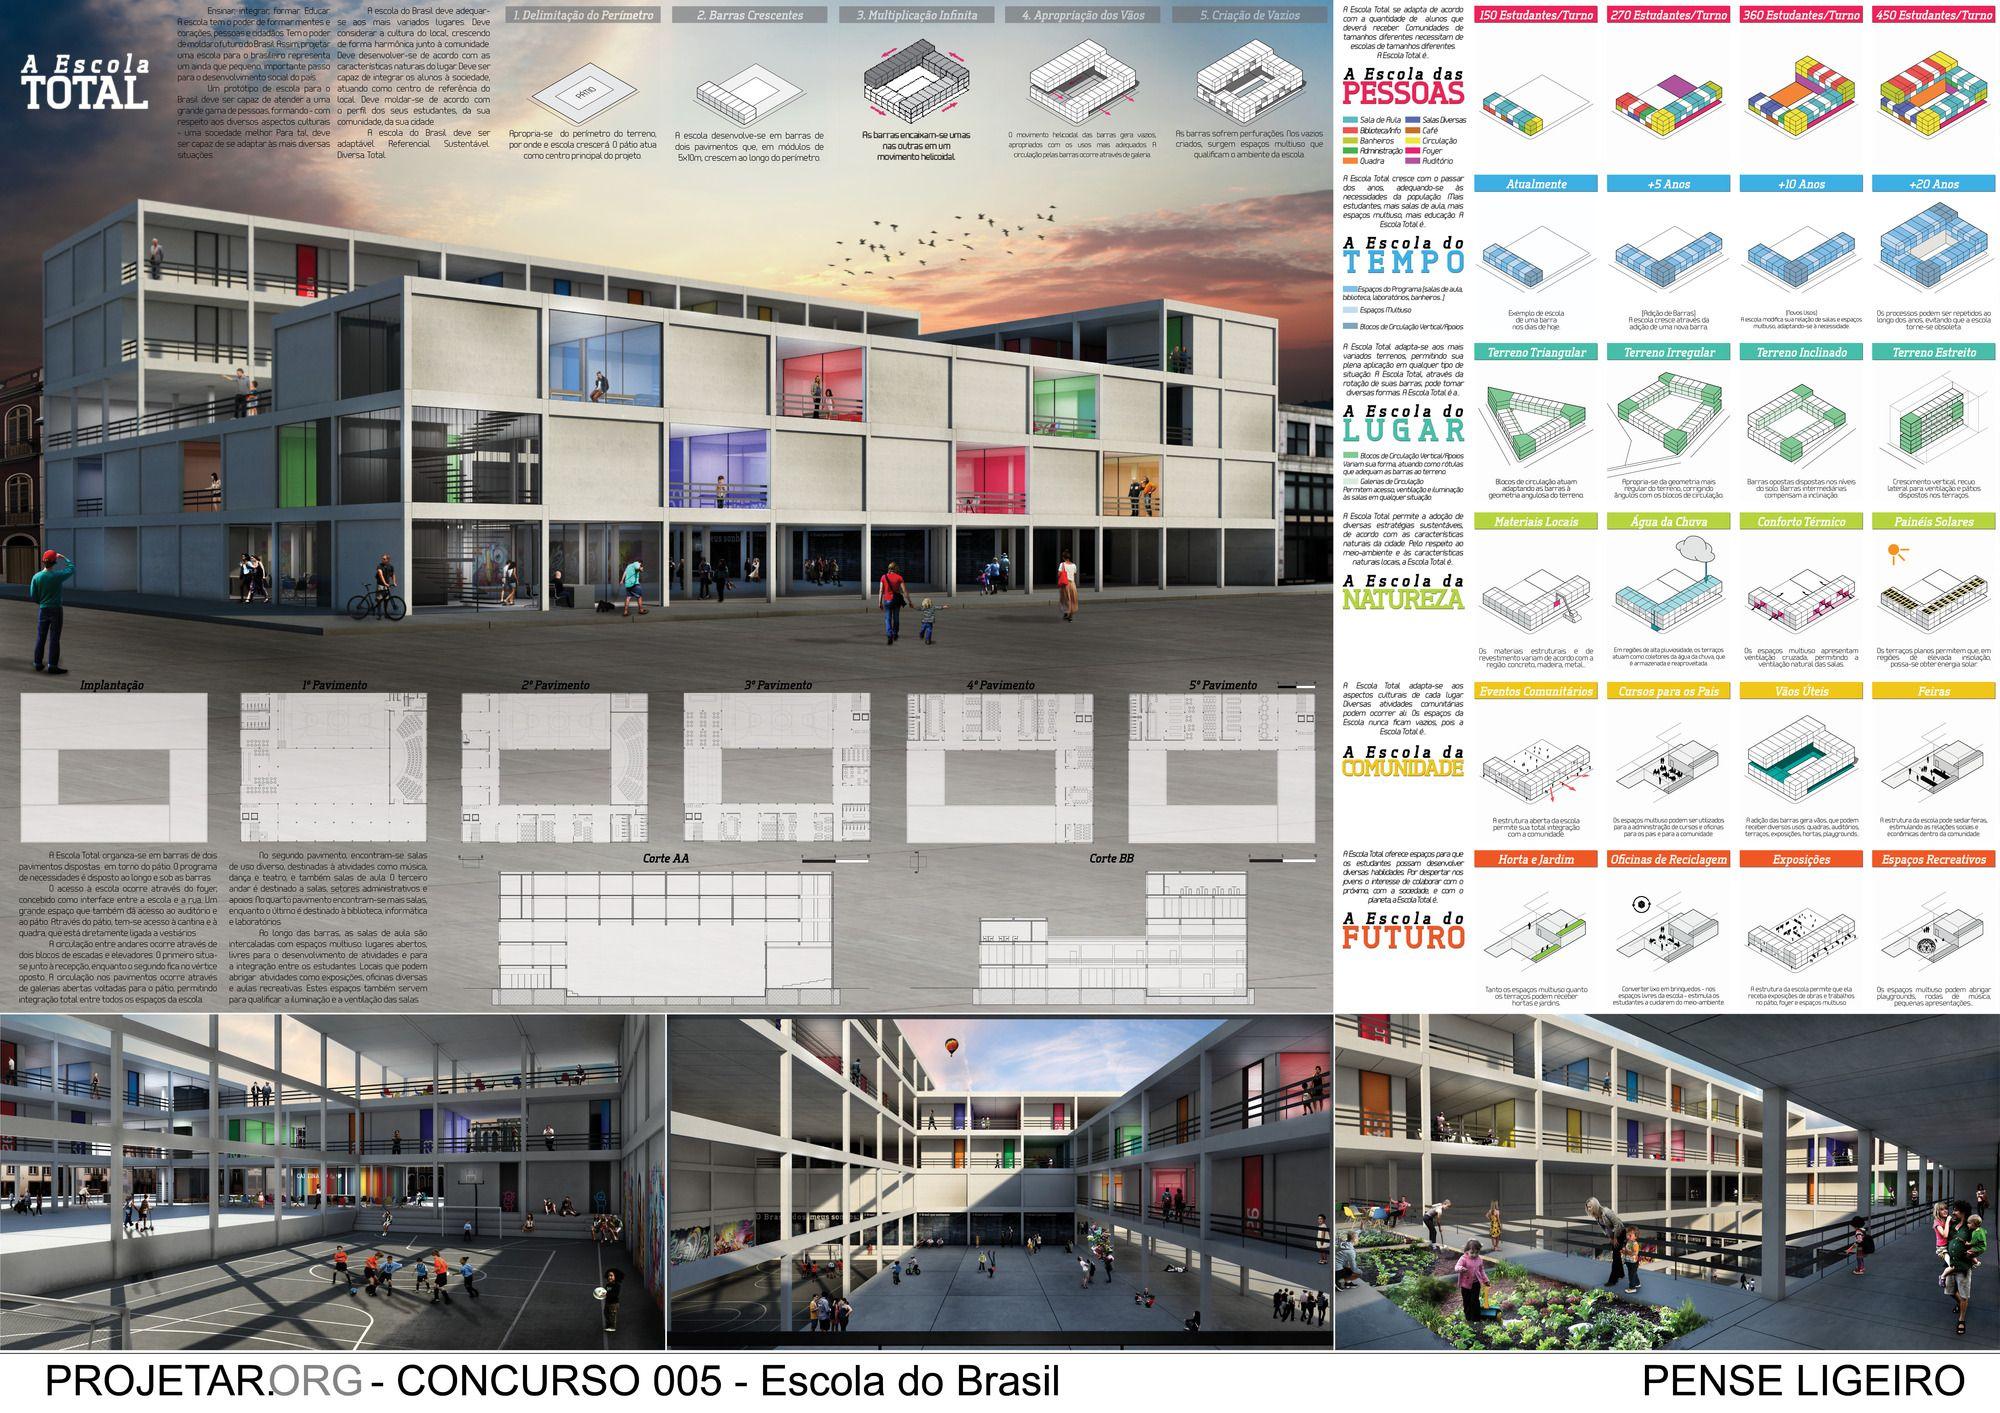 Galeria - Resultados do Concurso #005 Projetar.org - Escola do Brasil - 61